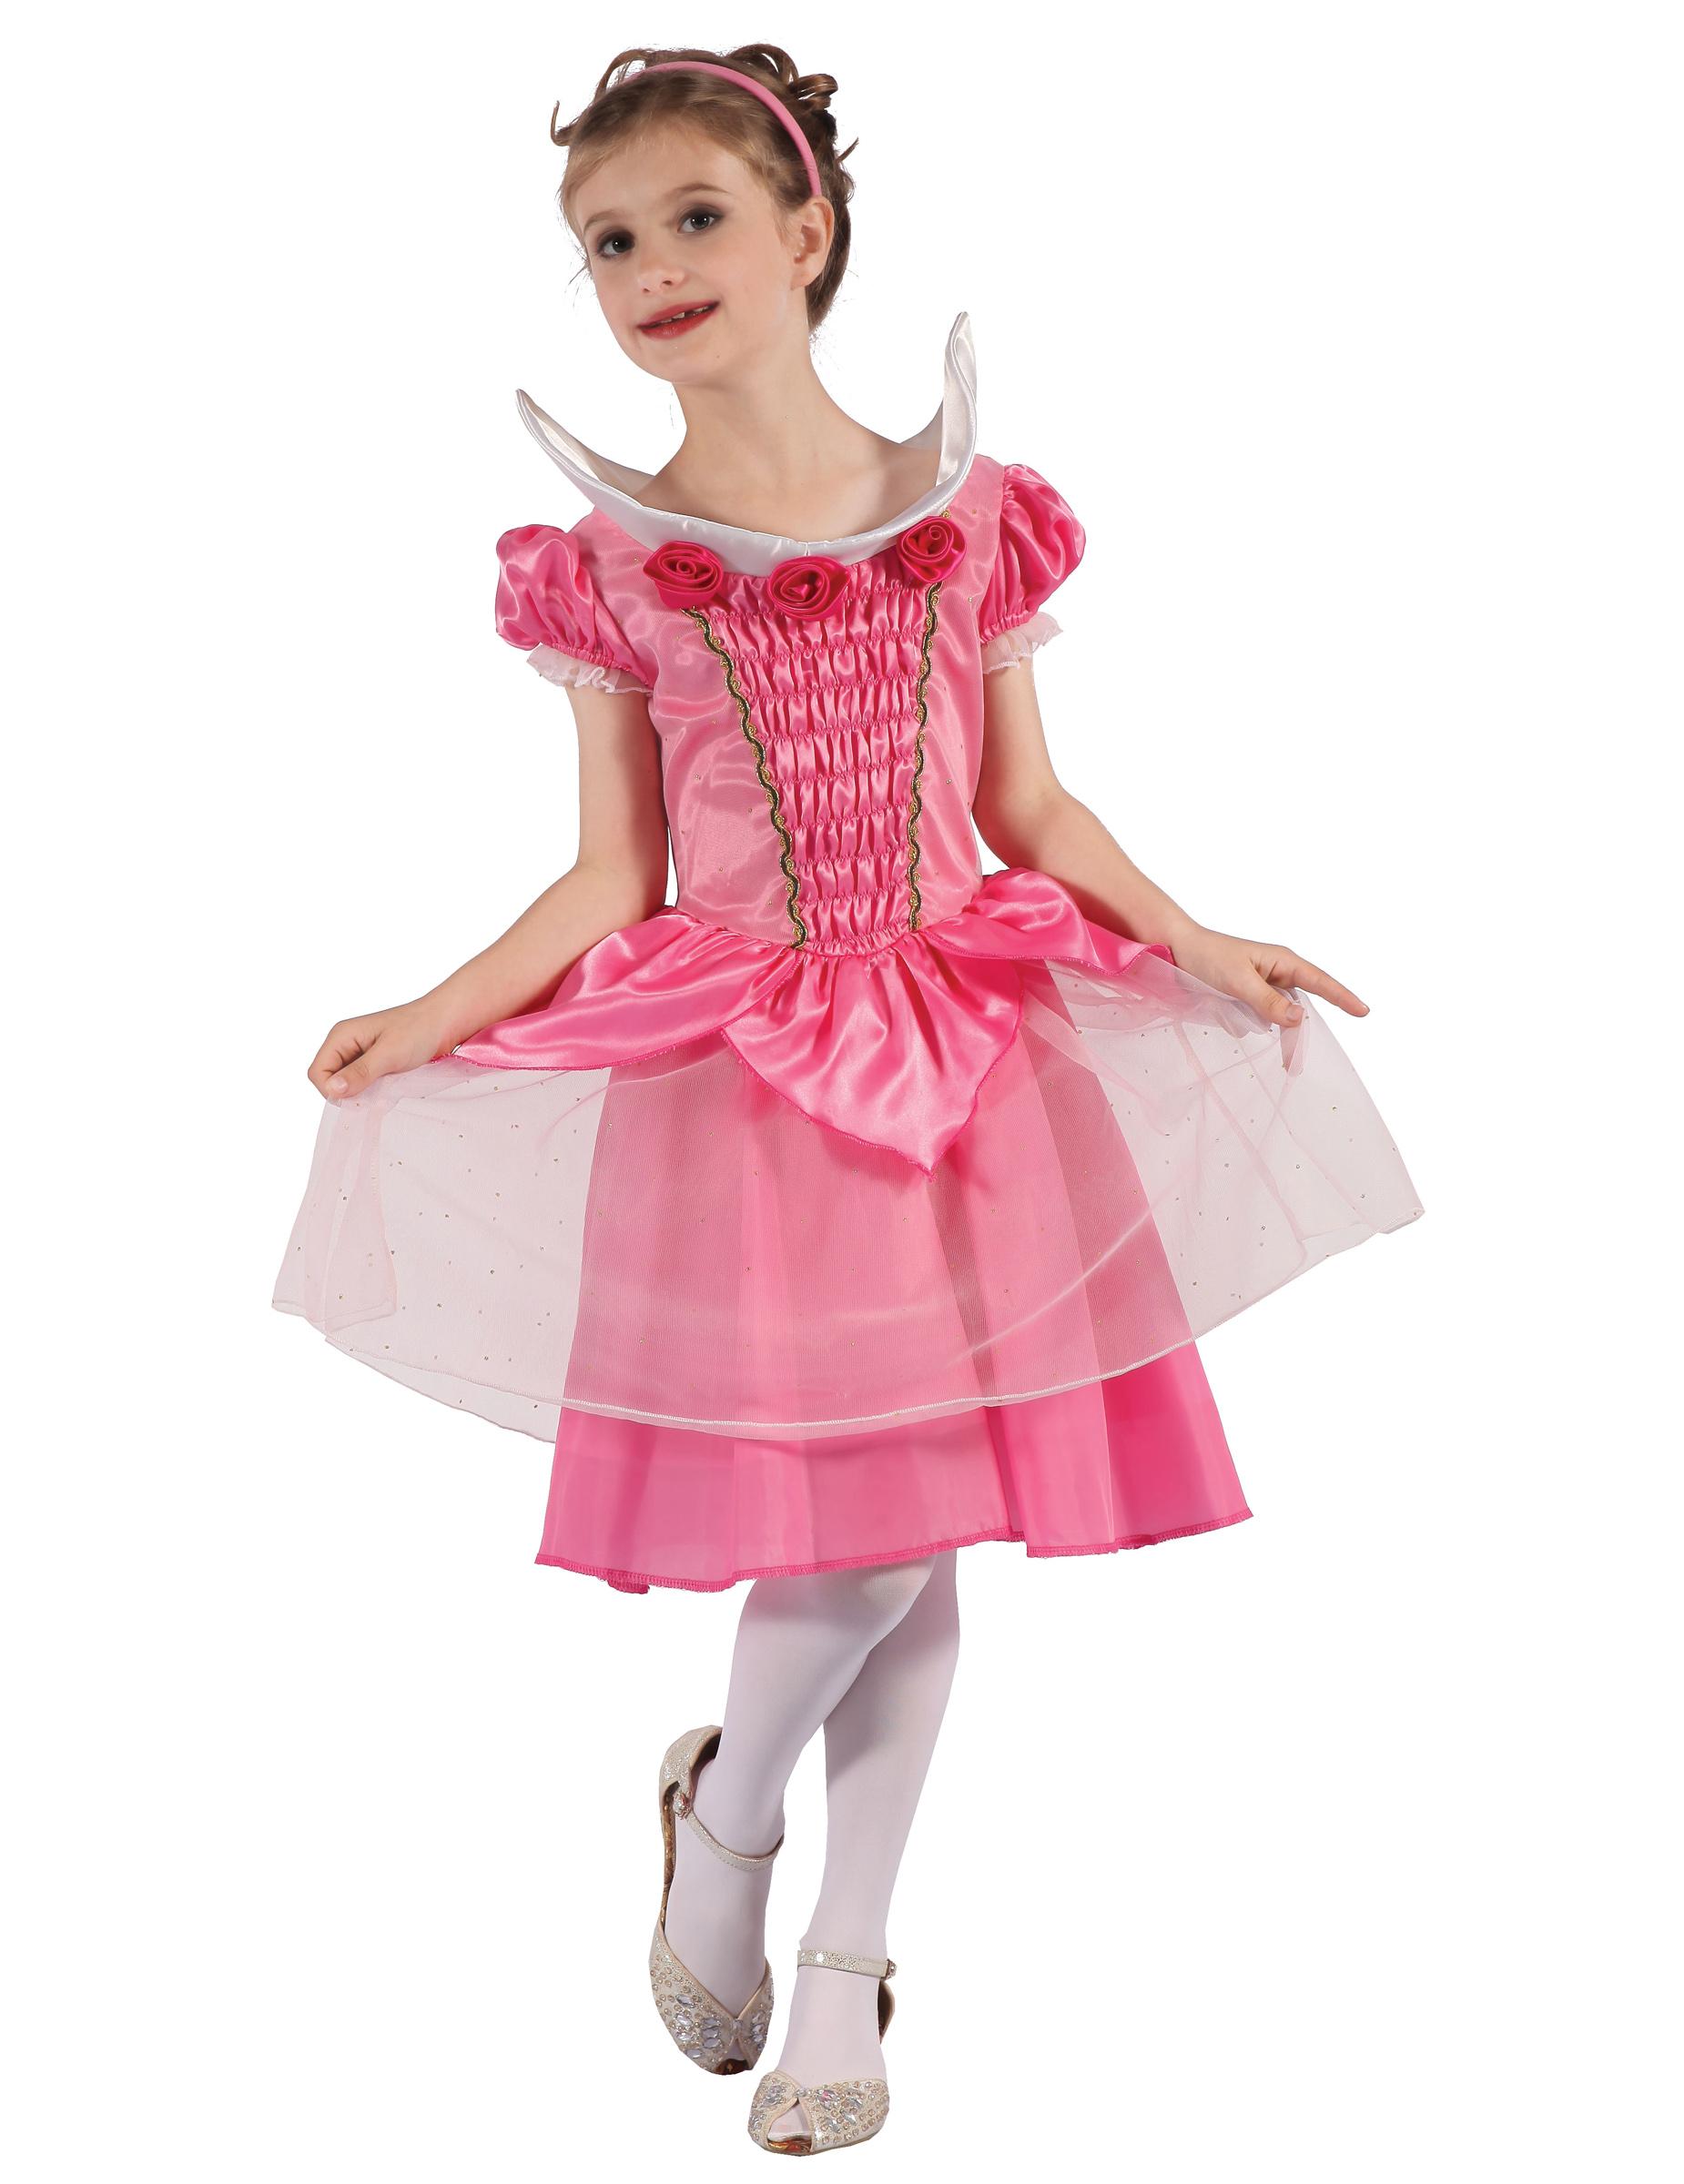 Disfraz vestido de baile Princesa niña: Disfraces niños,y disfraces ...